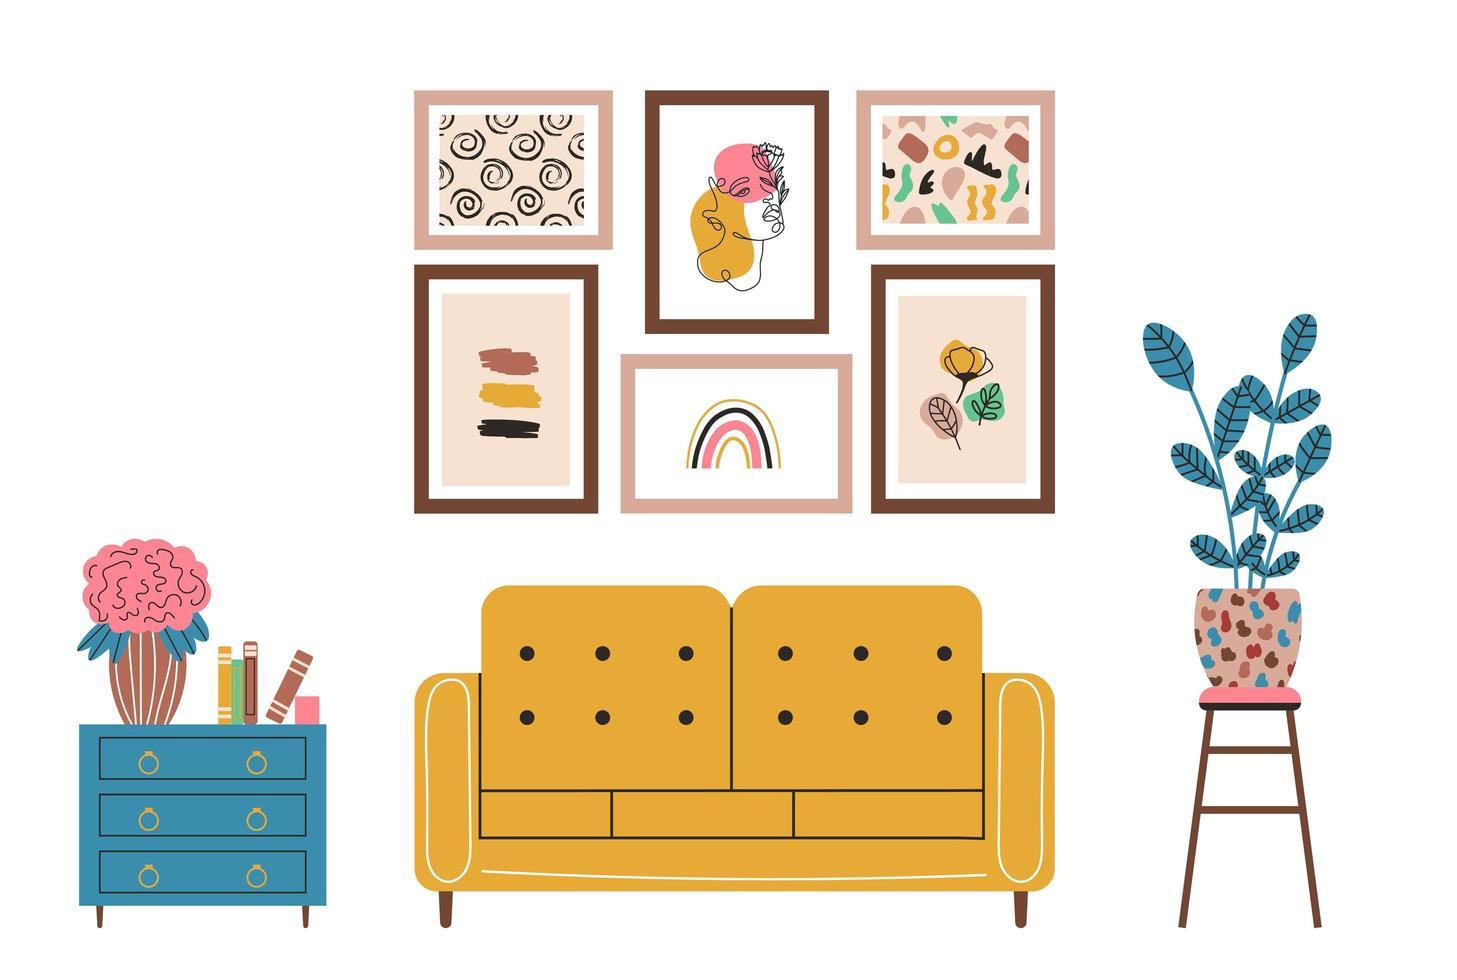 elementos de design de interiores móveis modernos sala de estar vetor